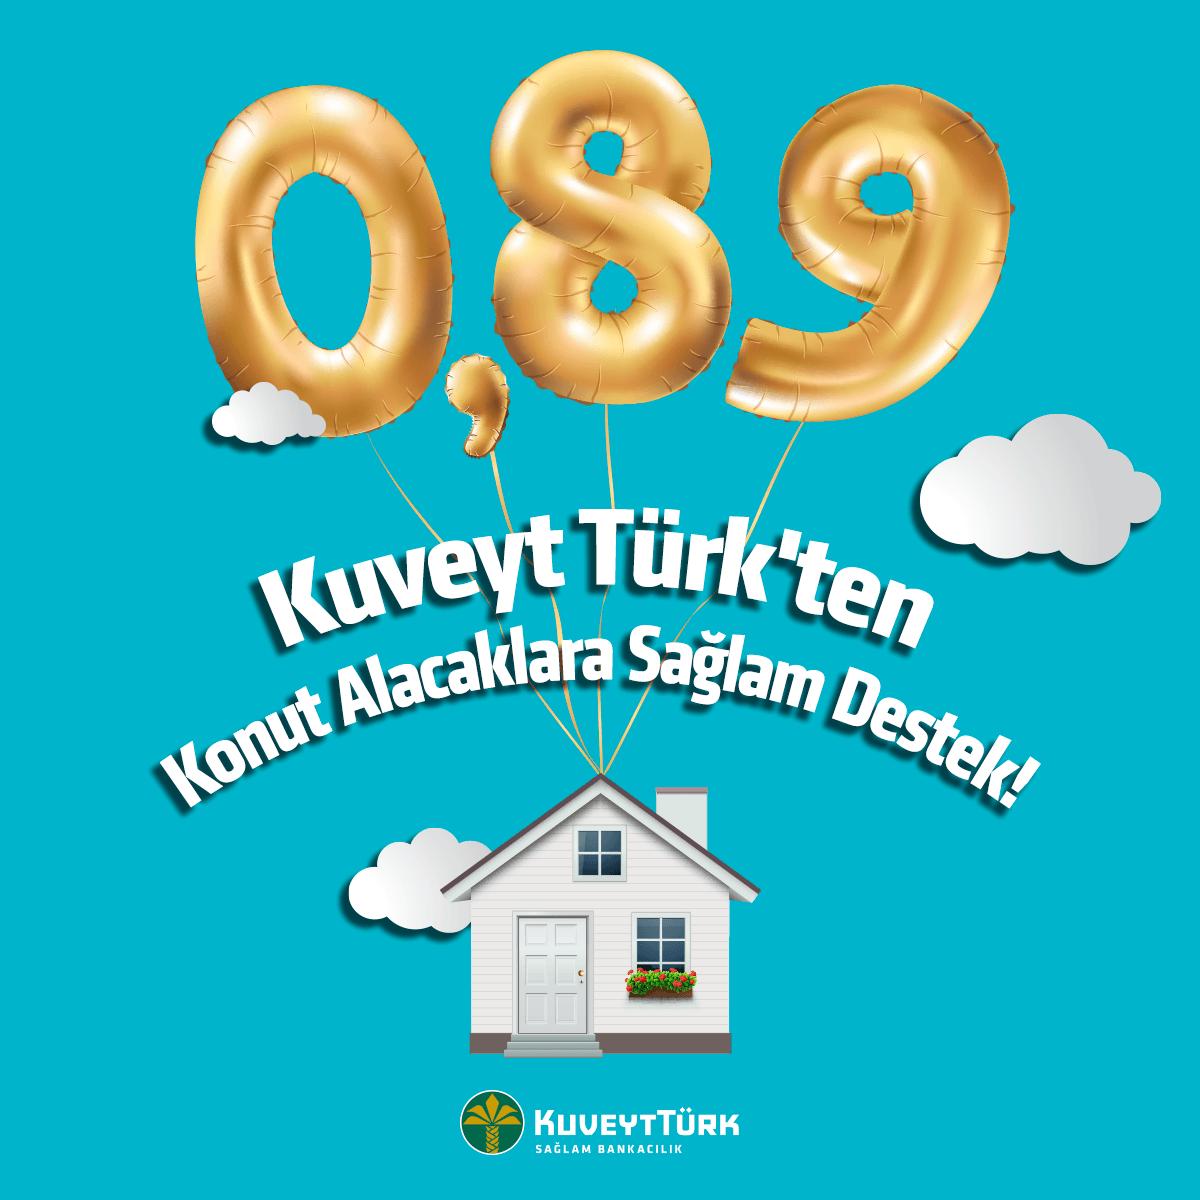 Kuveyt Türk kâr oranını konutta yüzde 0,89'a, araç finansmanında yüzde 0,96'ya düşürdü